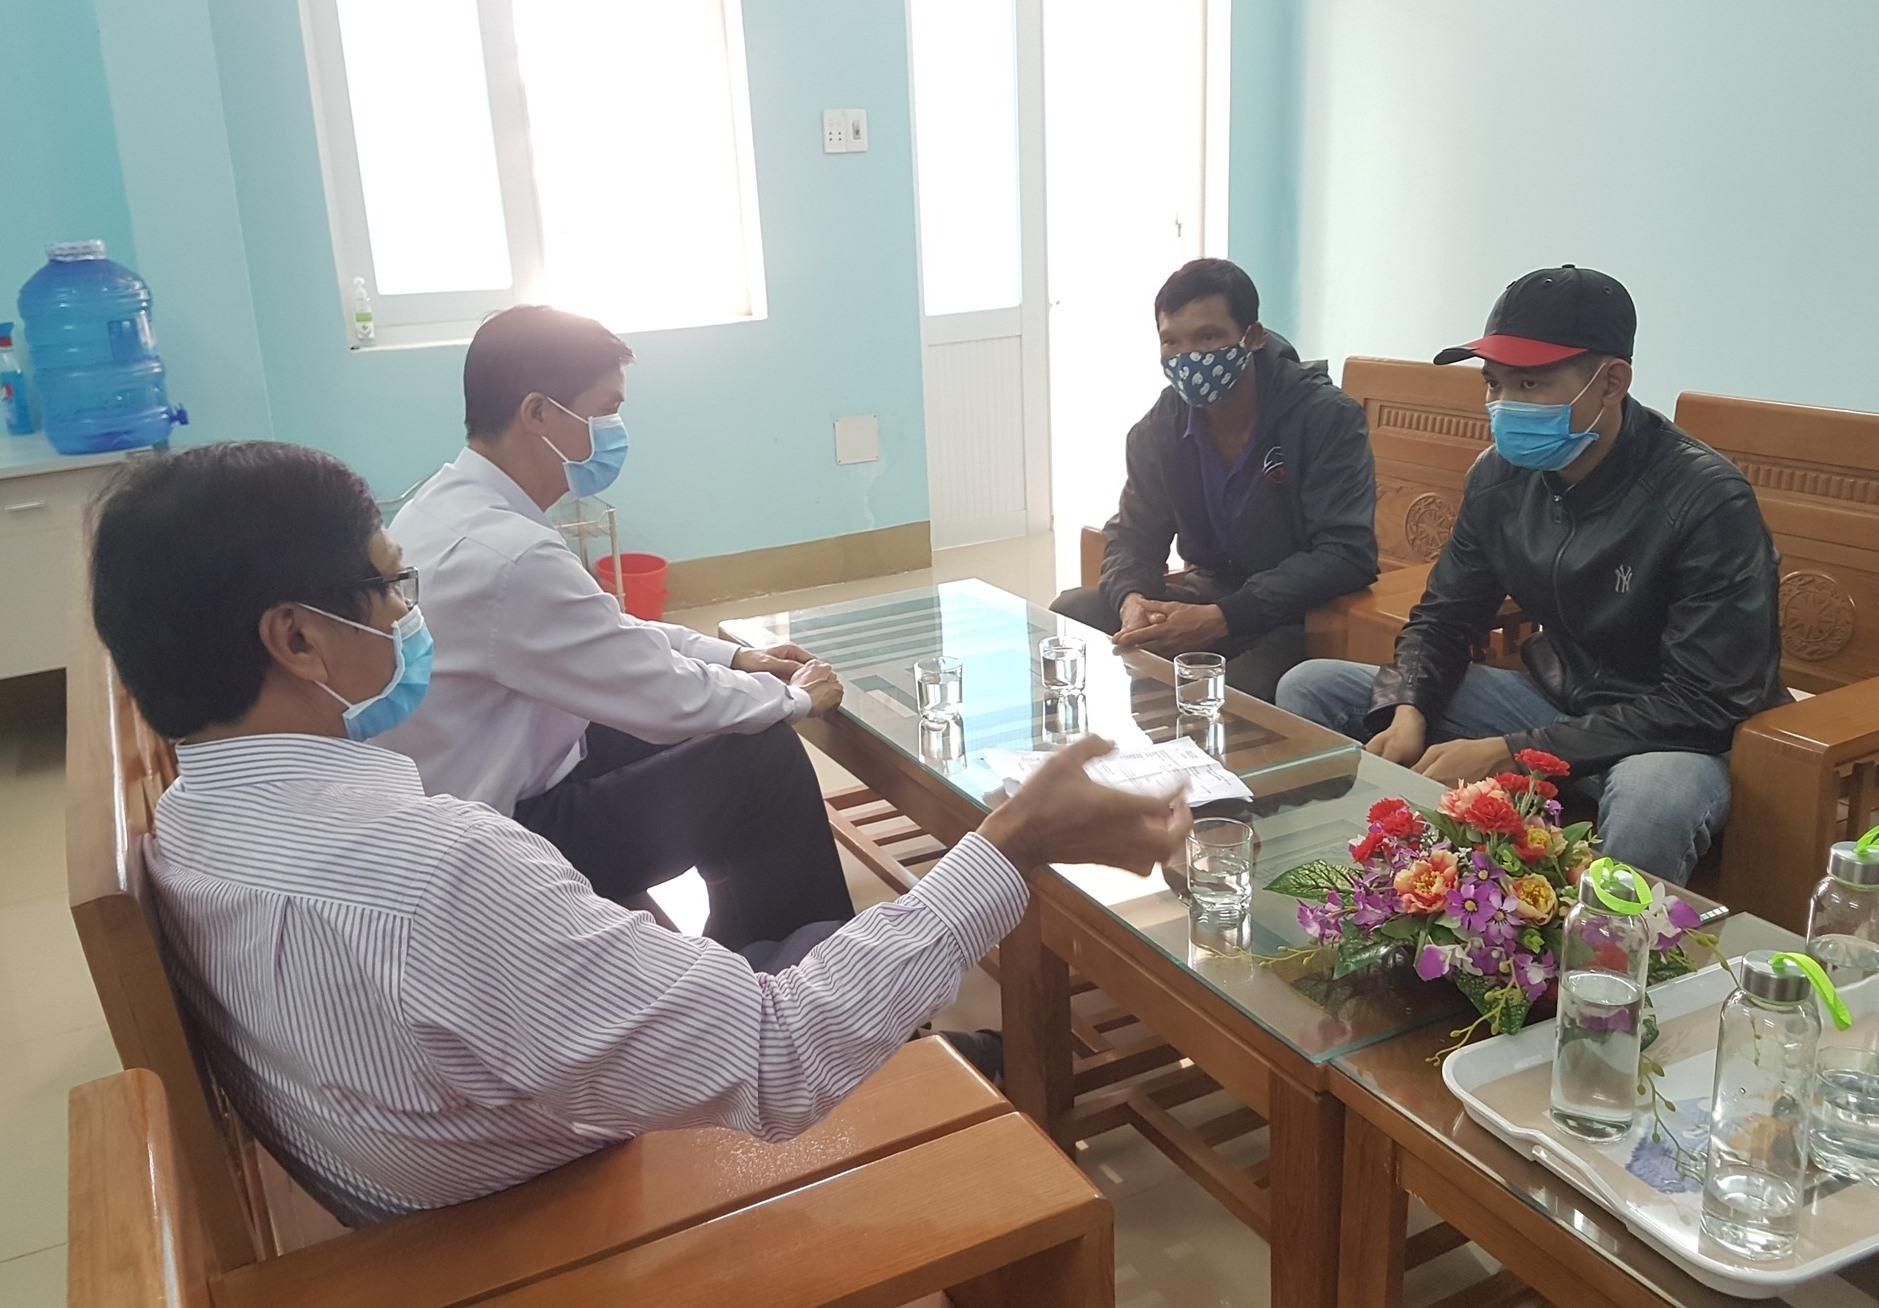 Đại diện Sở LĐ-TB&XH tỉnh tiếp đại diện của nhóm công nhân và hướng dẫn, giải thích cho người lao động hiểu quy định của luật. Ảnh: D.L